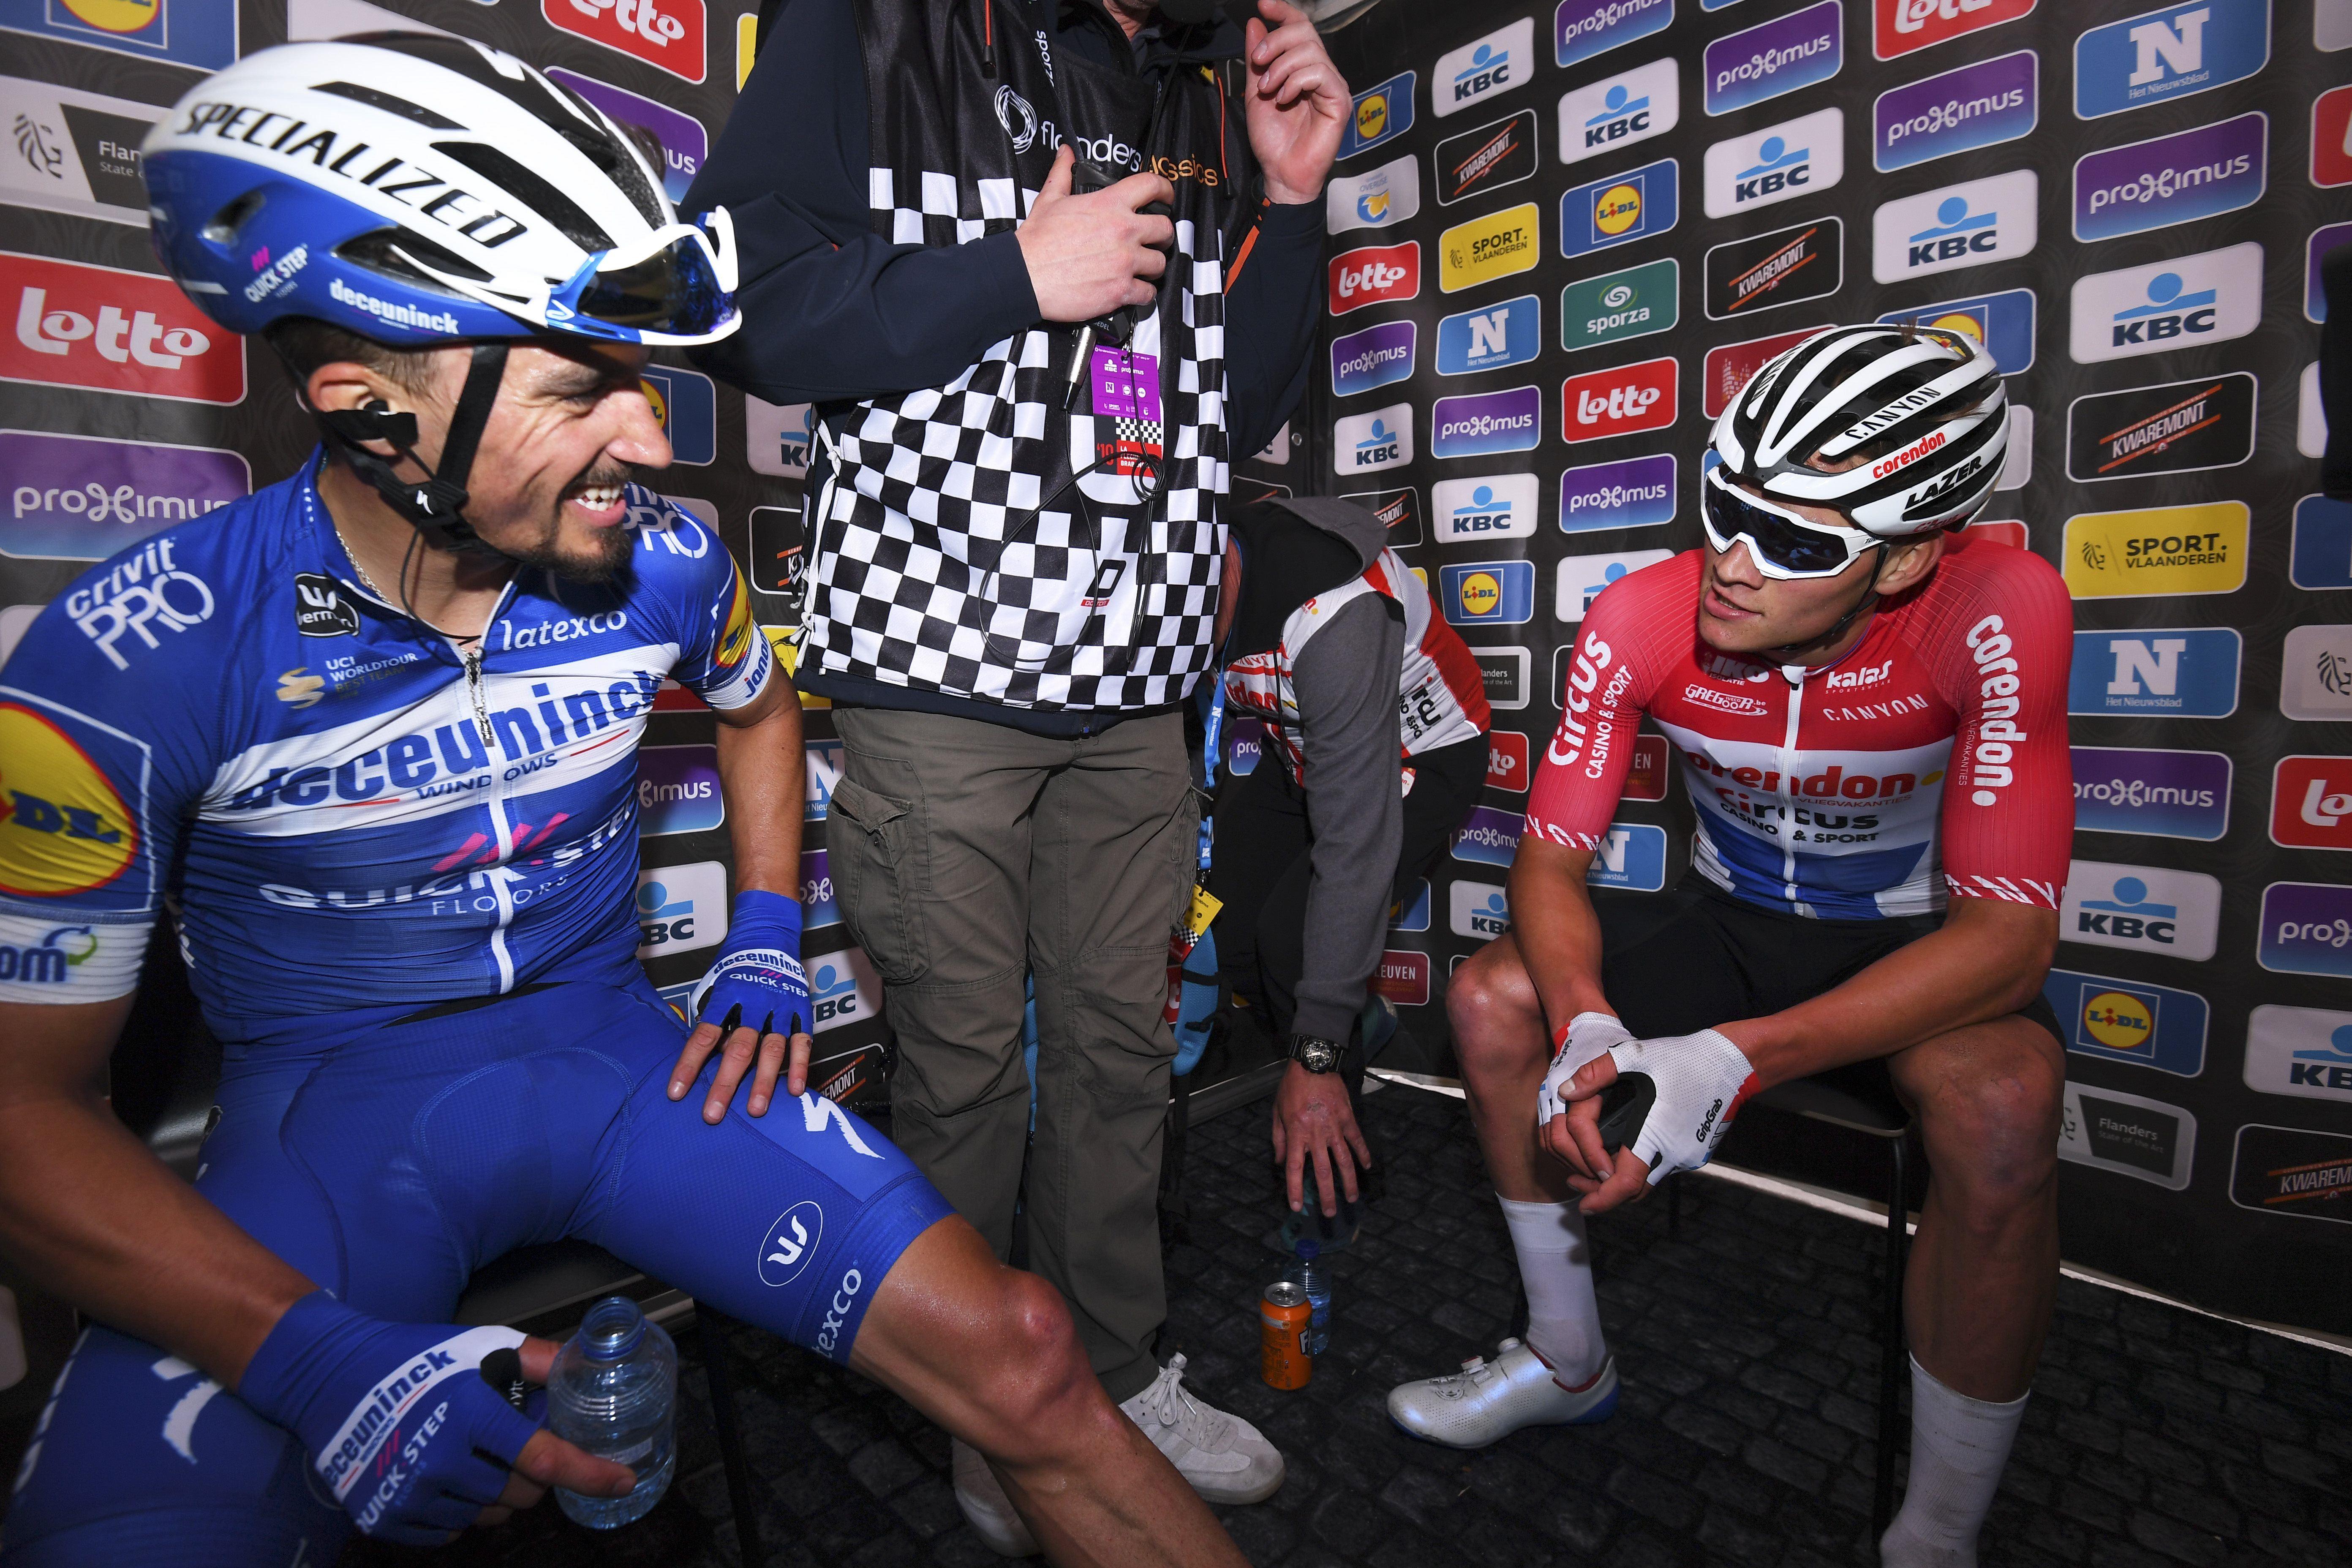 Cyclisme - Amstel Gold Race : Qui pour contrer Alaphilippe et van der Poel ?